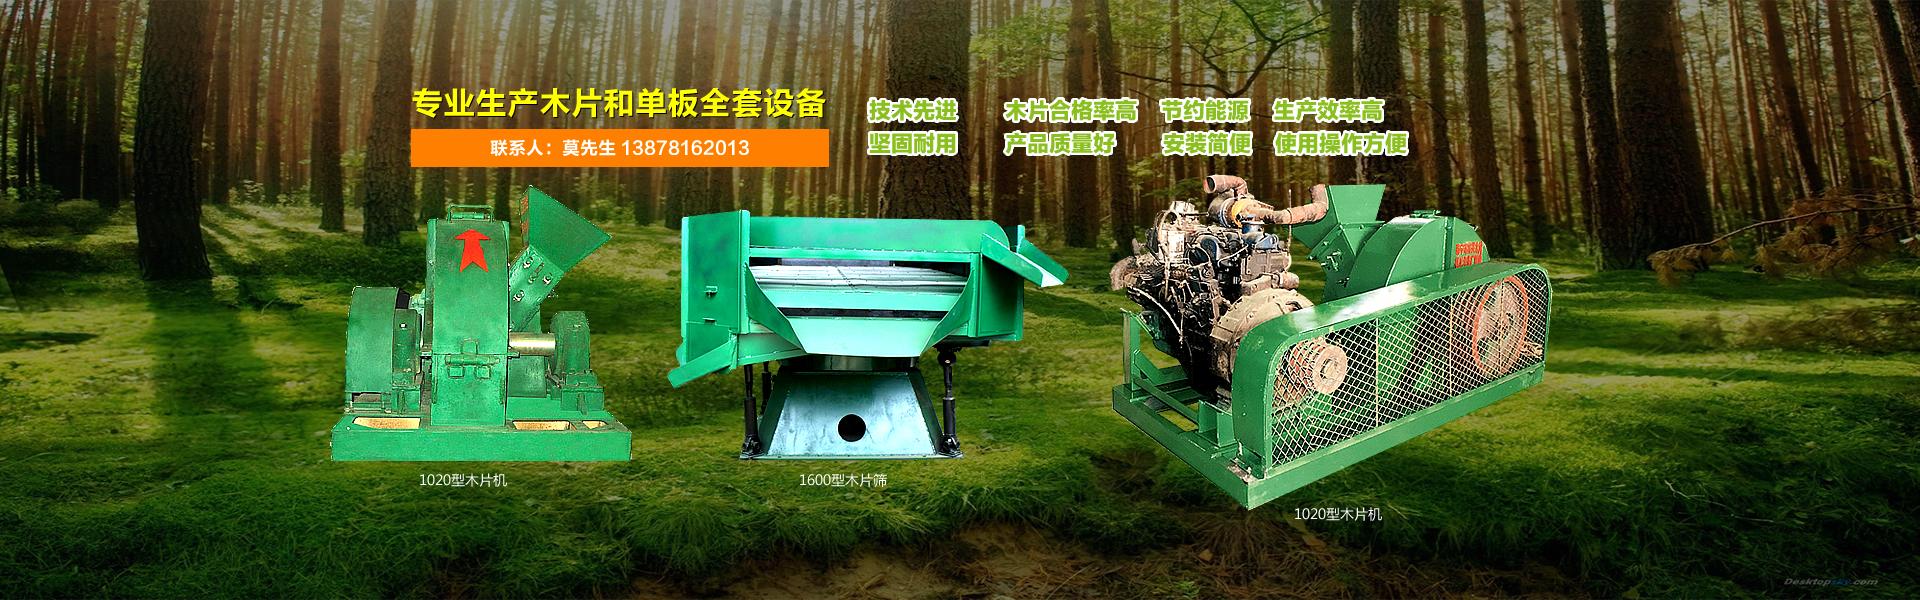 南宁林兴yabovip210机械加工厂-专业生产yabox9电竞加工设备_yabo2019vip_yabovip210机_去皮机公司